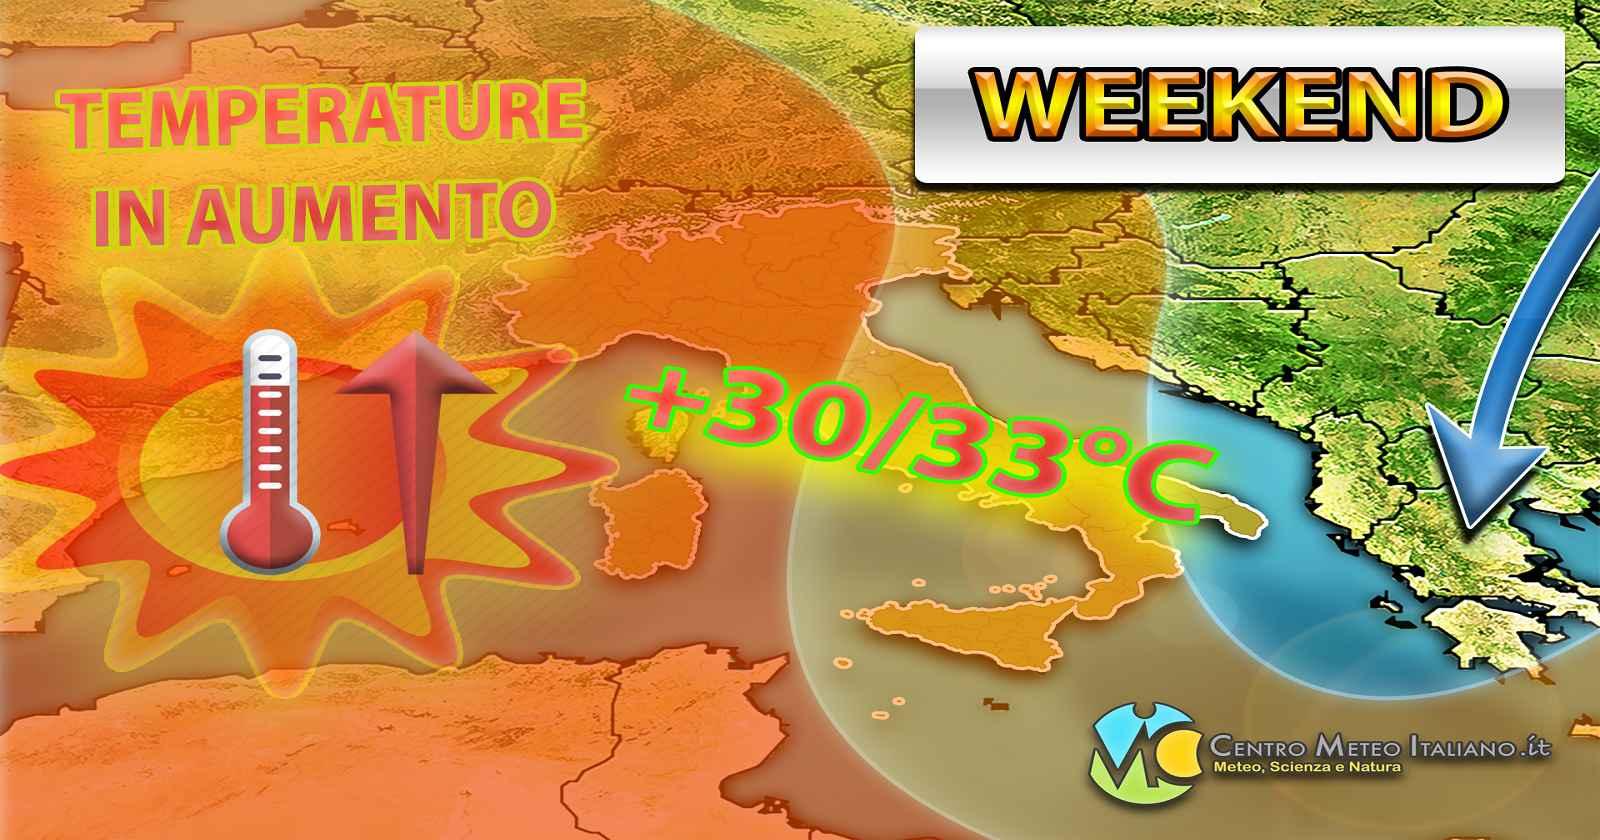 Temperature in aumento e tempo più estivo nel weekend, ma non per tutti - Centro Meteo Italiano